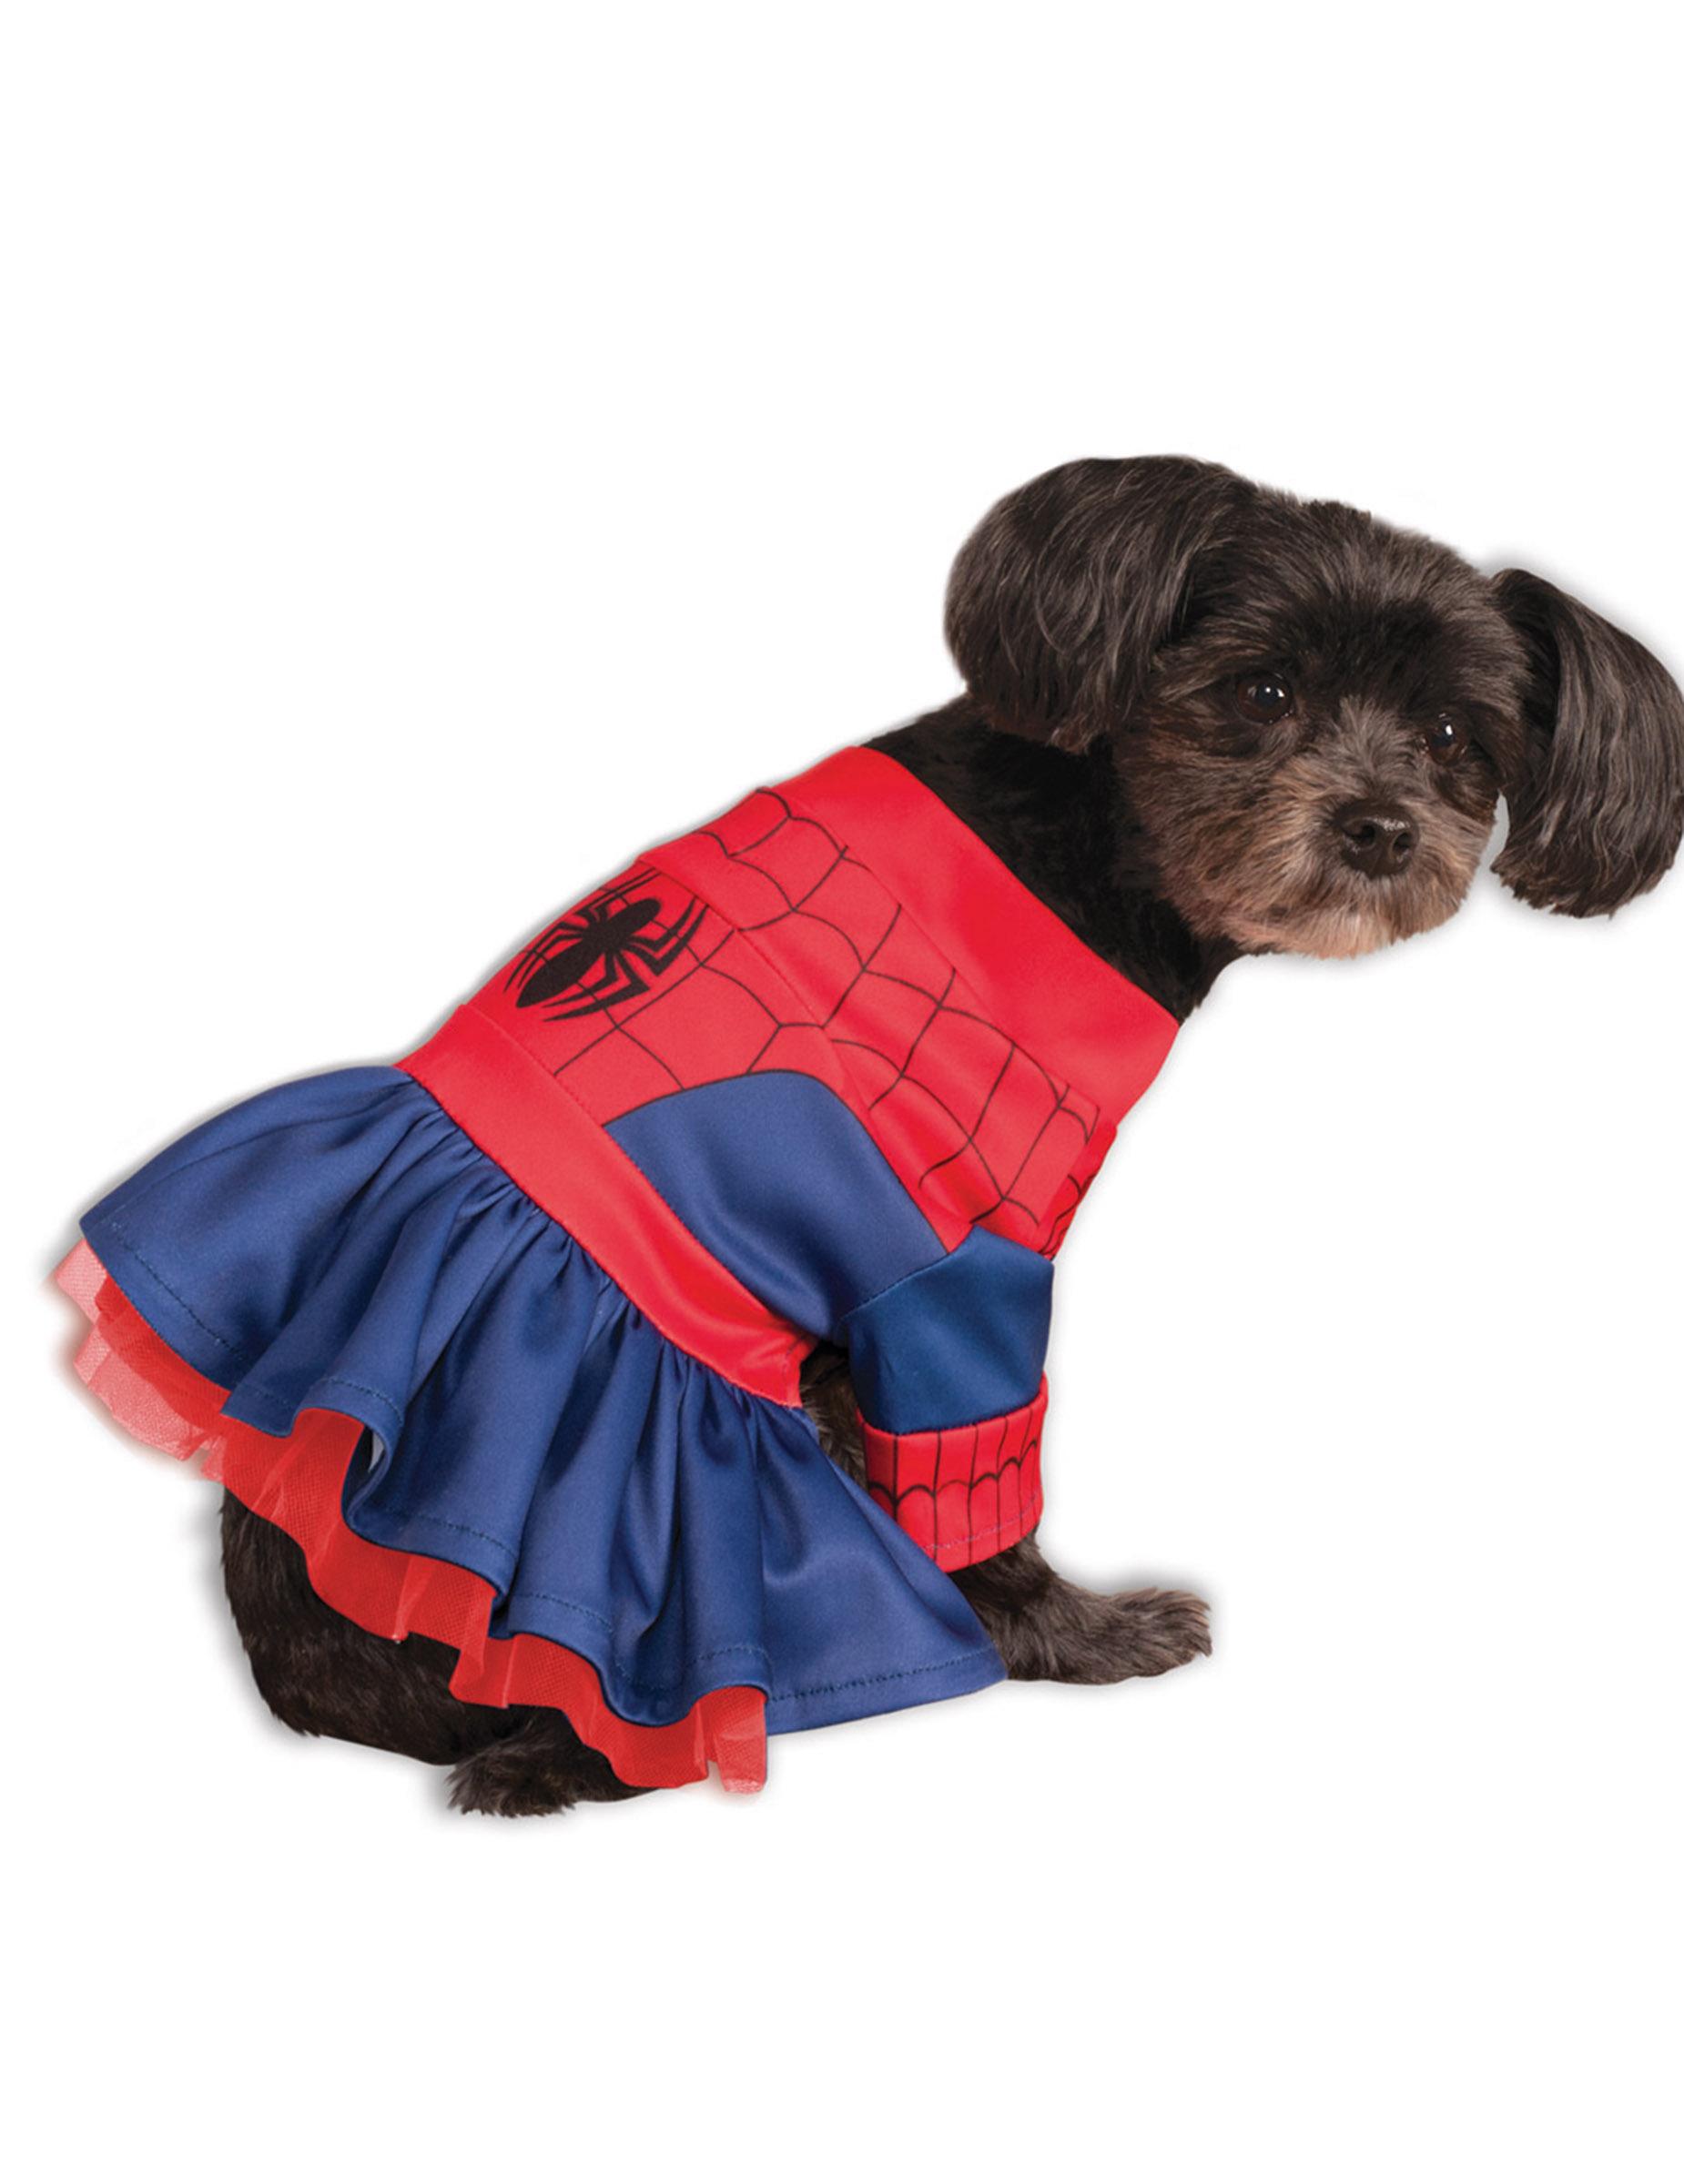 D guisement pour chien spider girl deguise toi achat de accessoires - Deguisement halloween chien ...